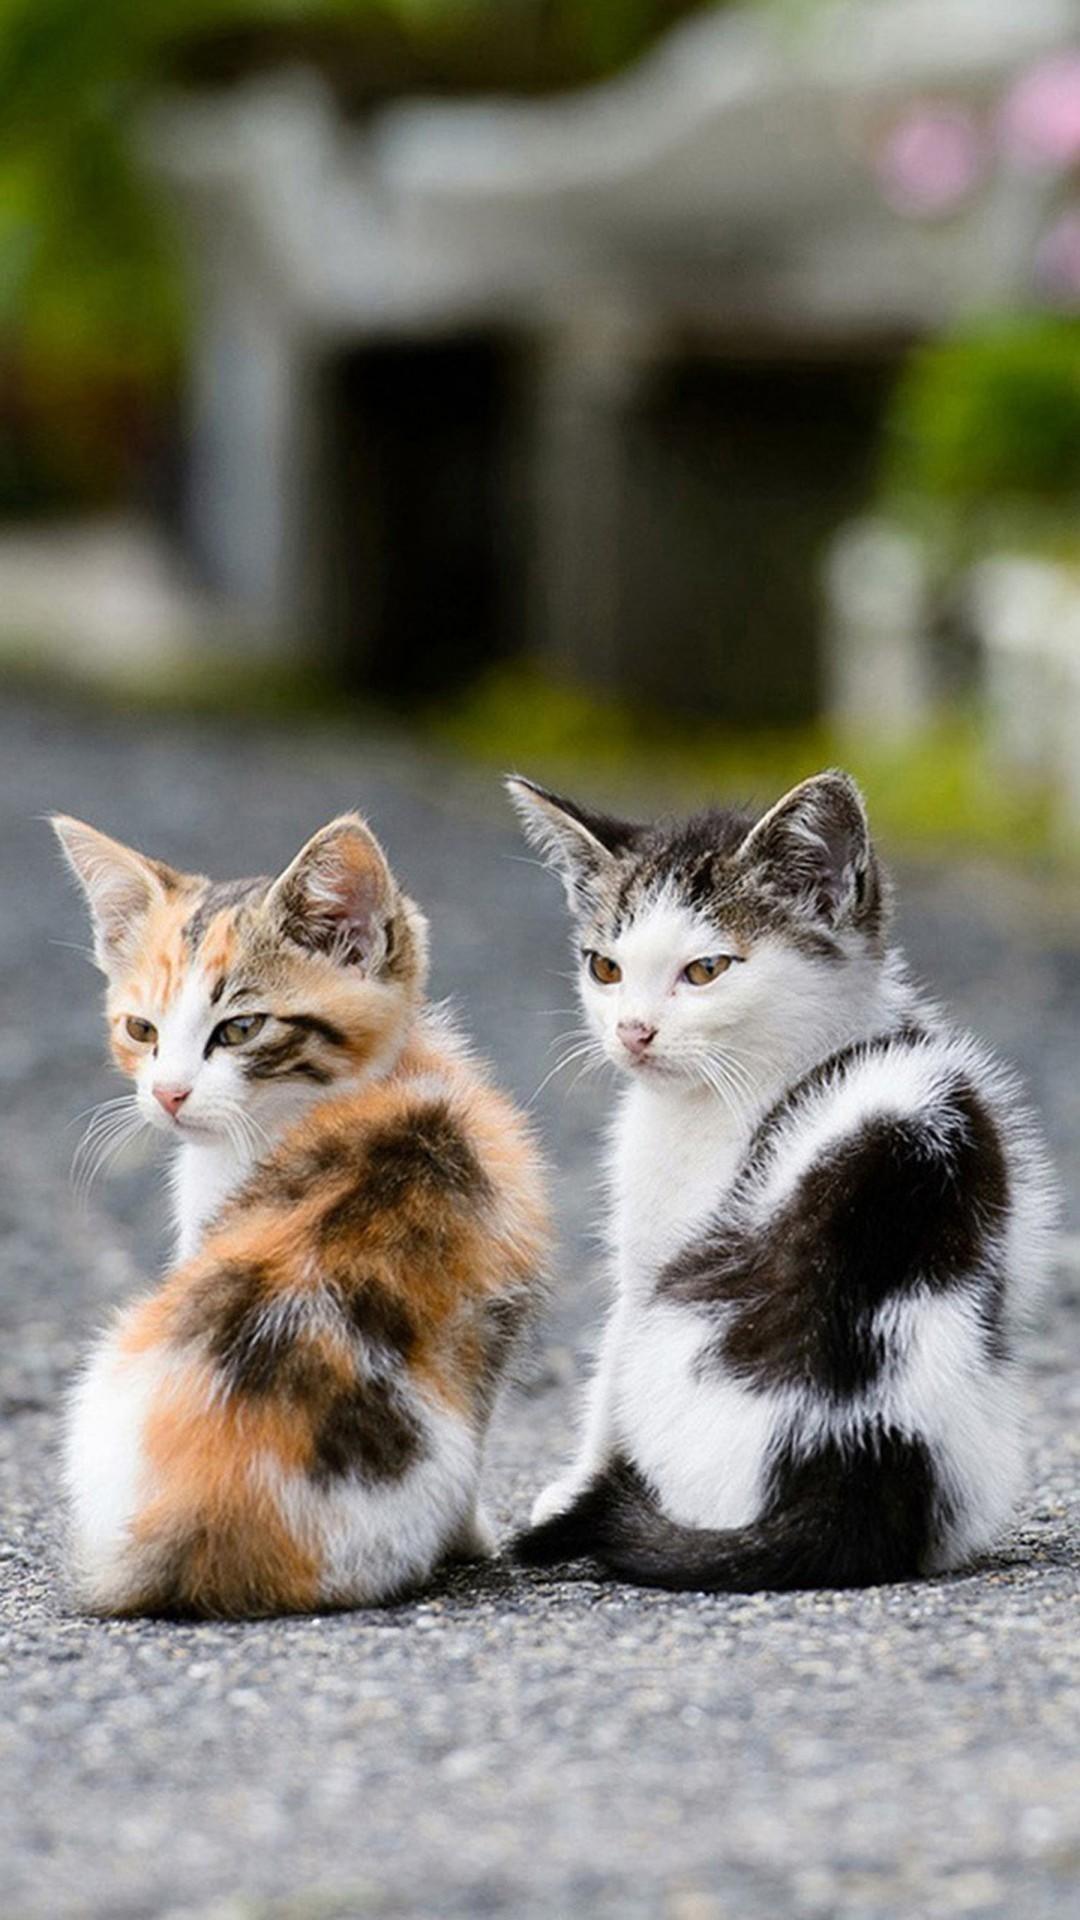 Res: 1080x1920, cute cat wallpaper iphone #691323 .